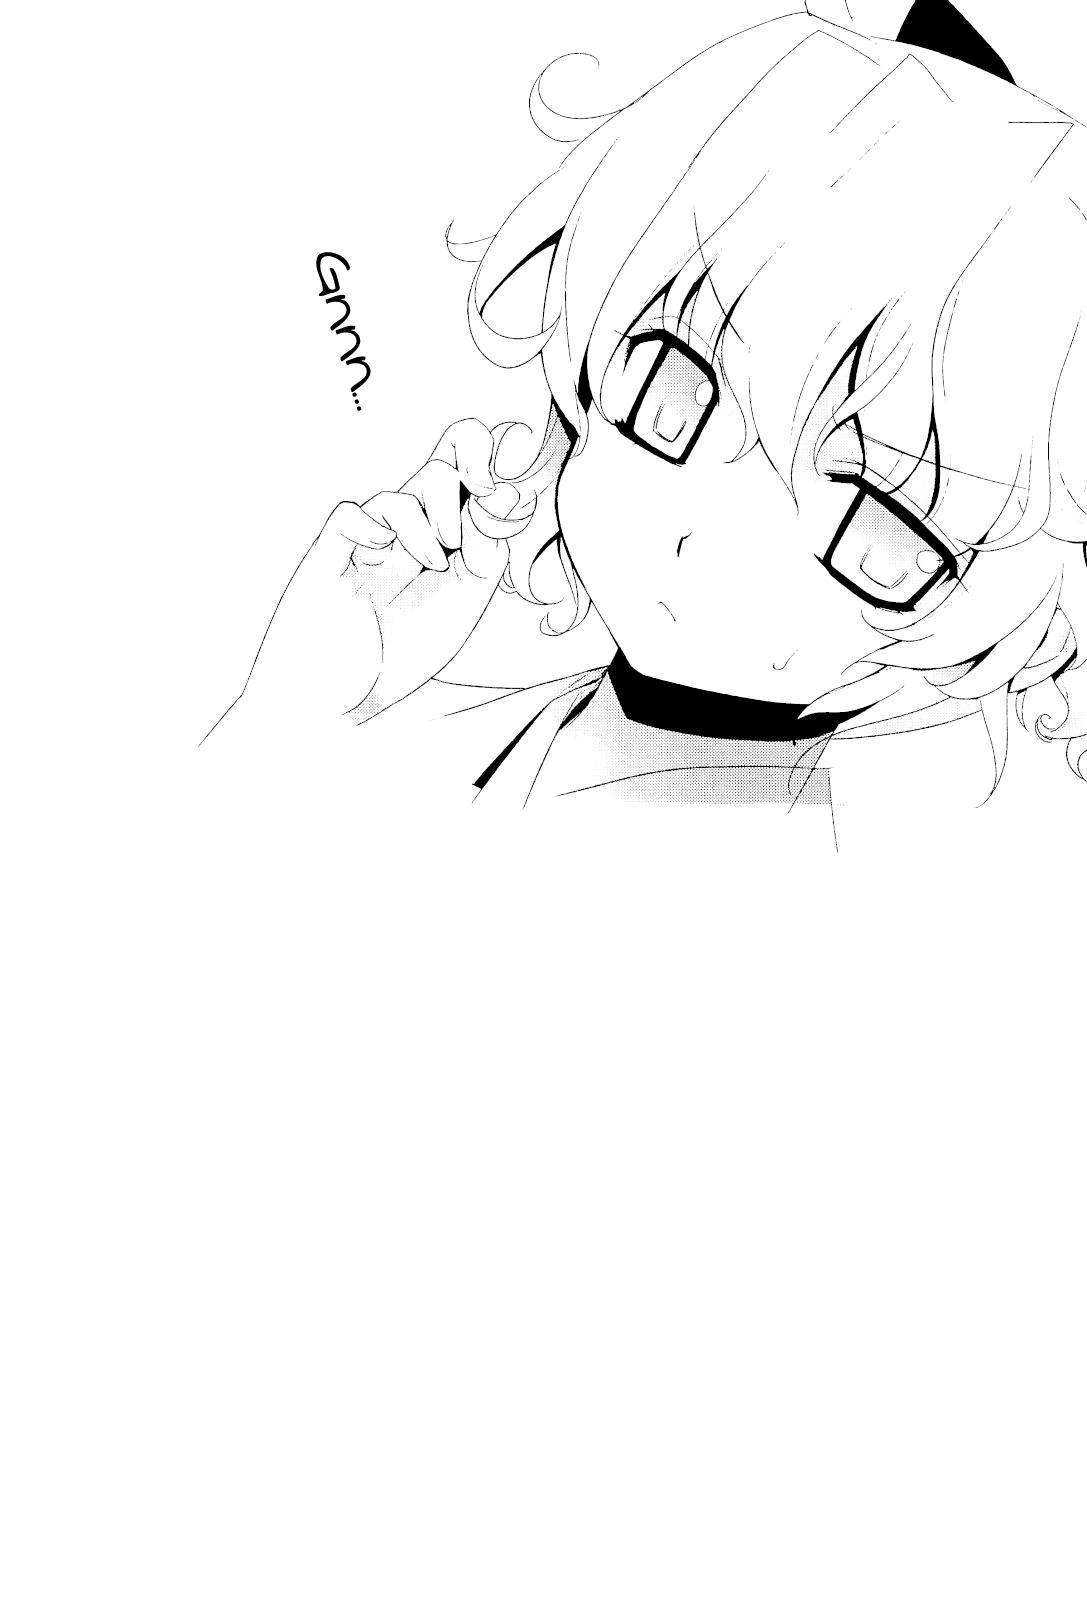 Kanara-sama no Nichijou +alpha 5